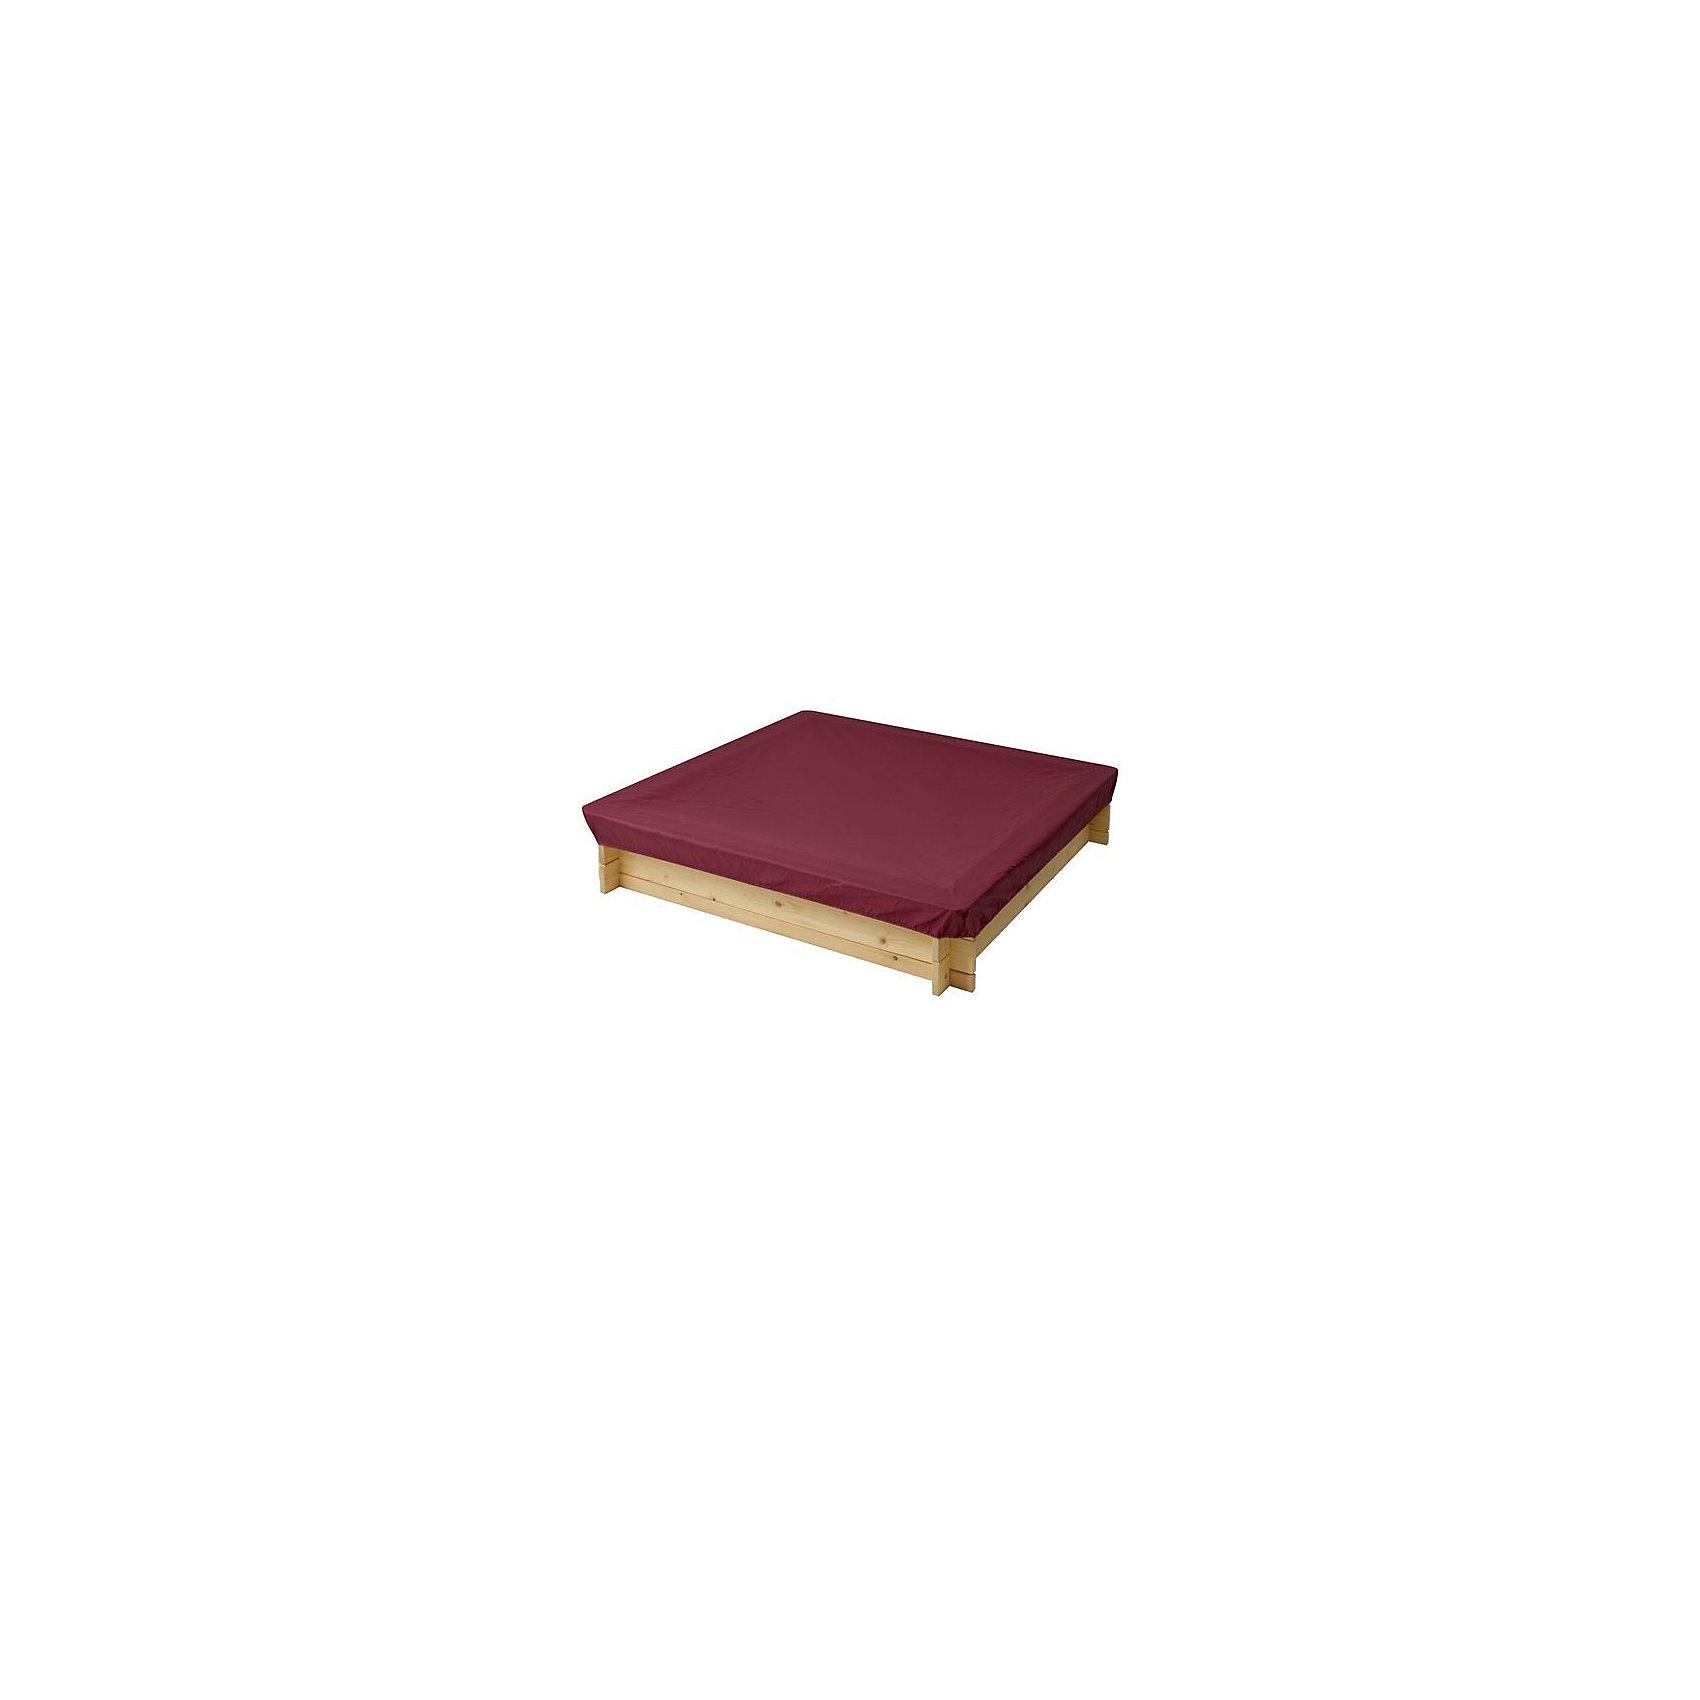 Защитный чехол для песочниц, цвет Бордо, PAREMO